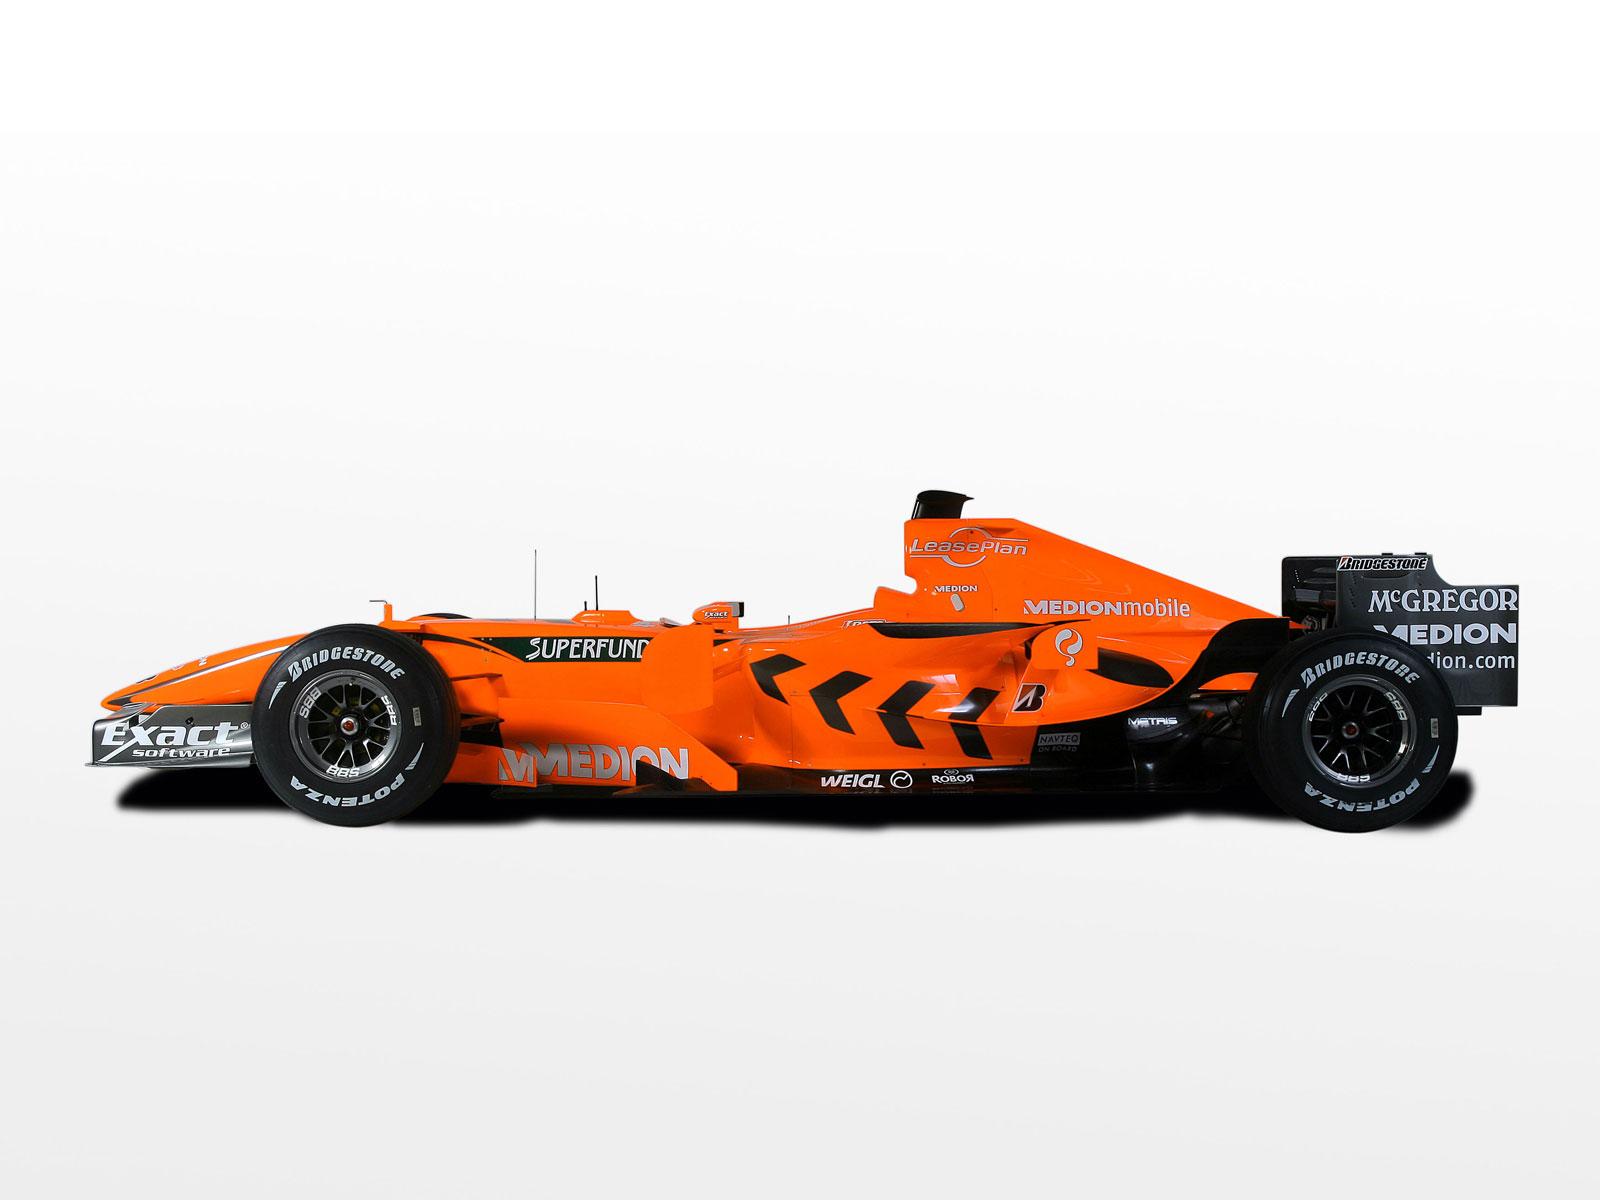 Оранжевый болид, формула 1, фото, обои для рабочего стола